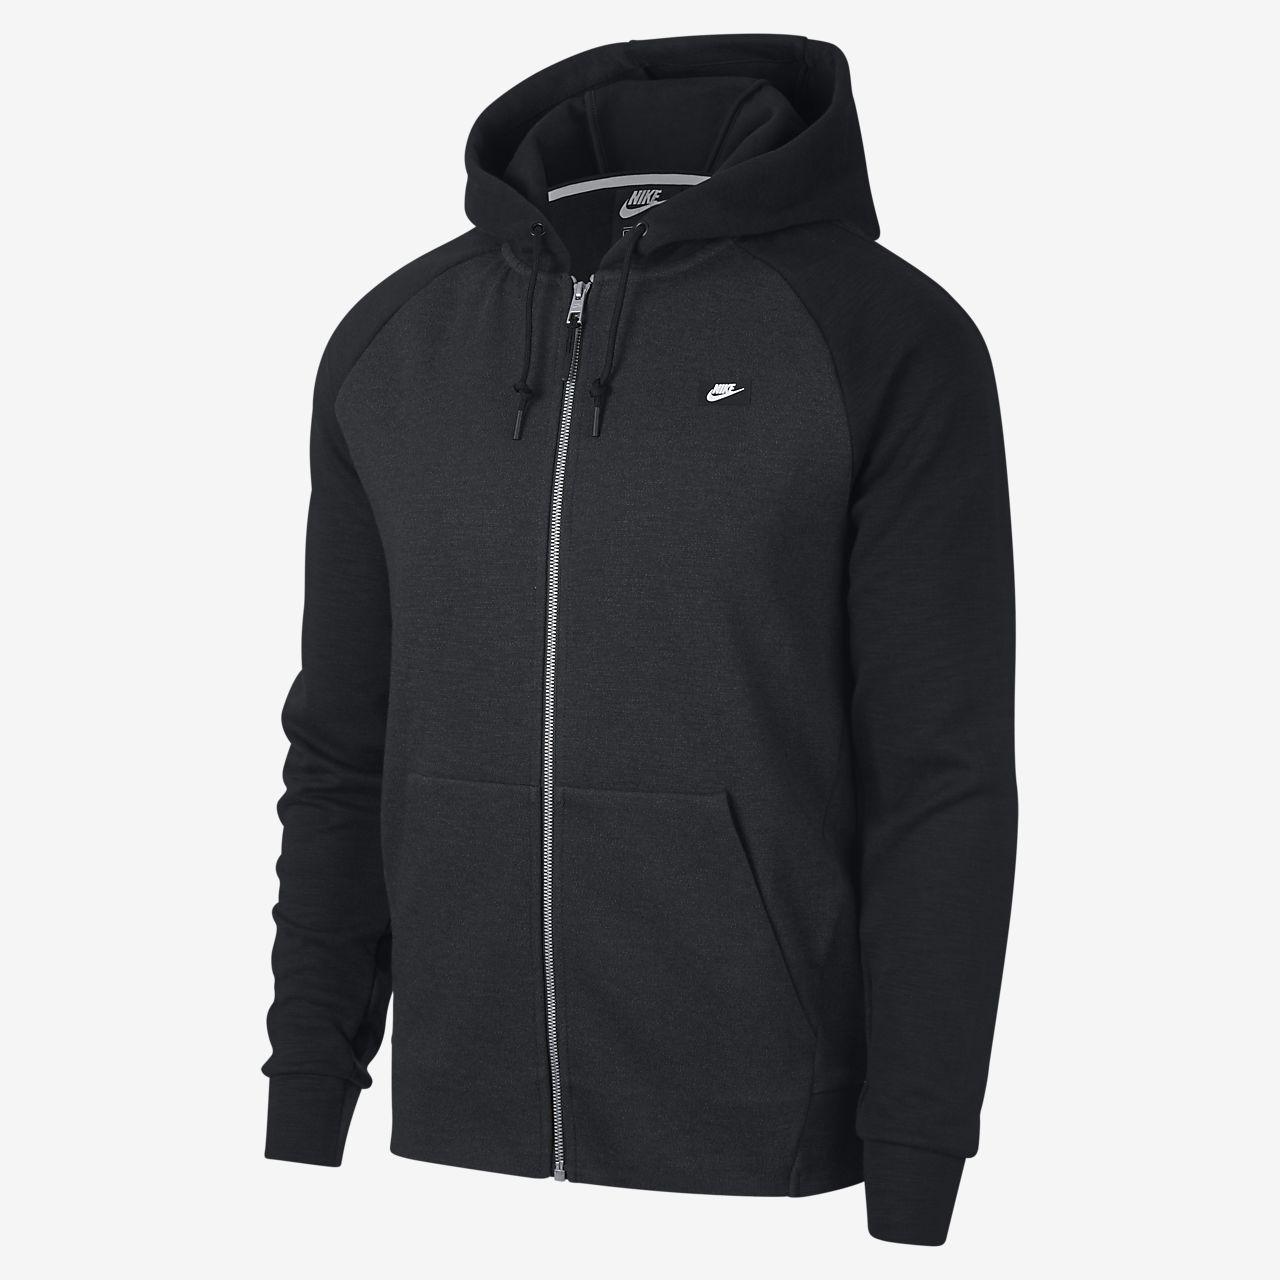 Pour À Sweat Nike Entièrement Capuche Optic Zippé Homme Sportswear xq0wC0rd6T